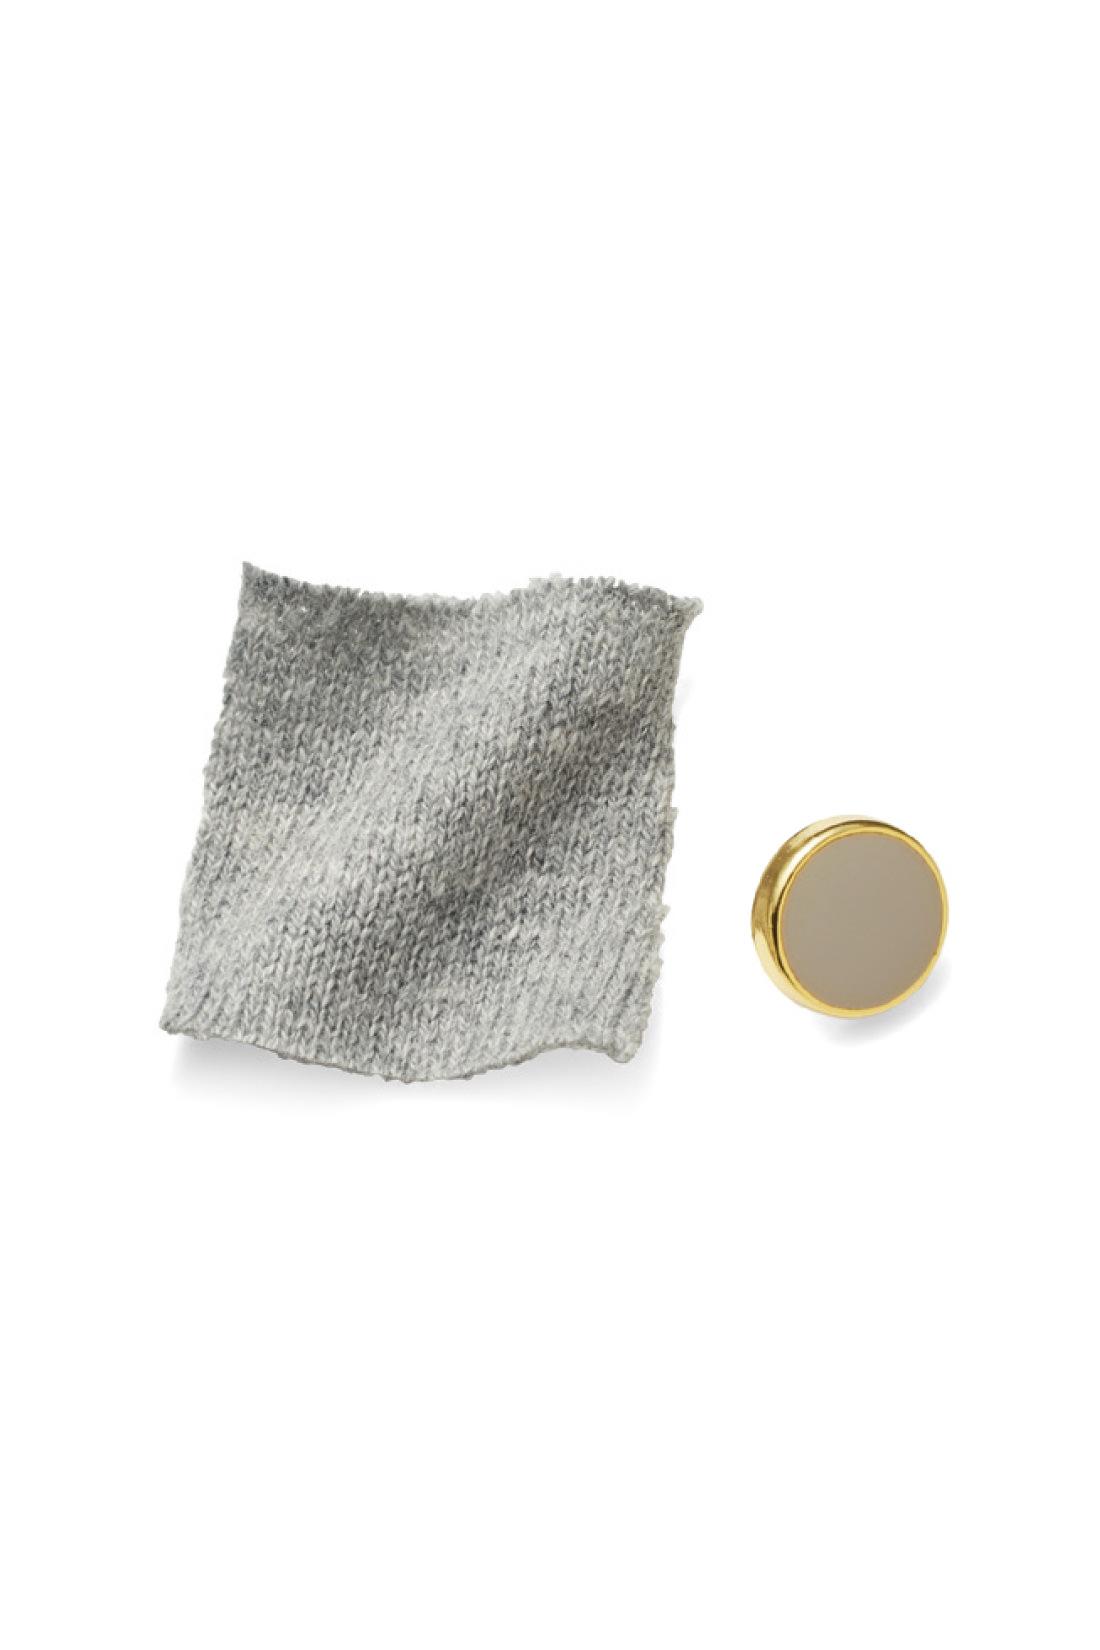 やさしい肌ざわりのコットン100%のニット素材。ゴールドフレームのボタンも大人っぽい。※お届けするカラーとは異なります。